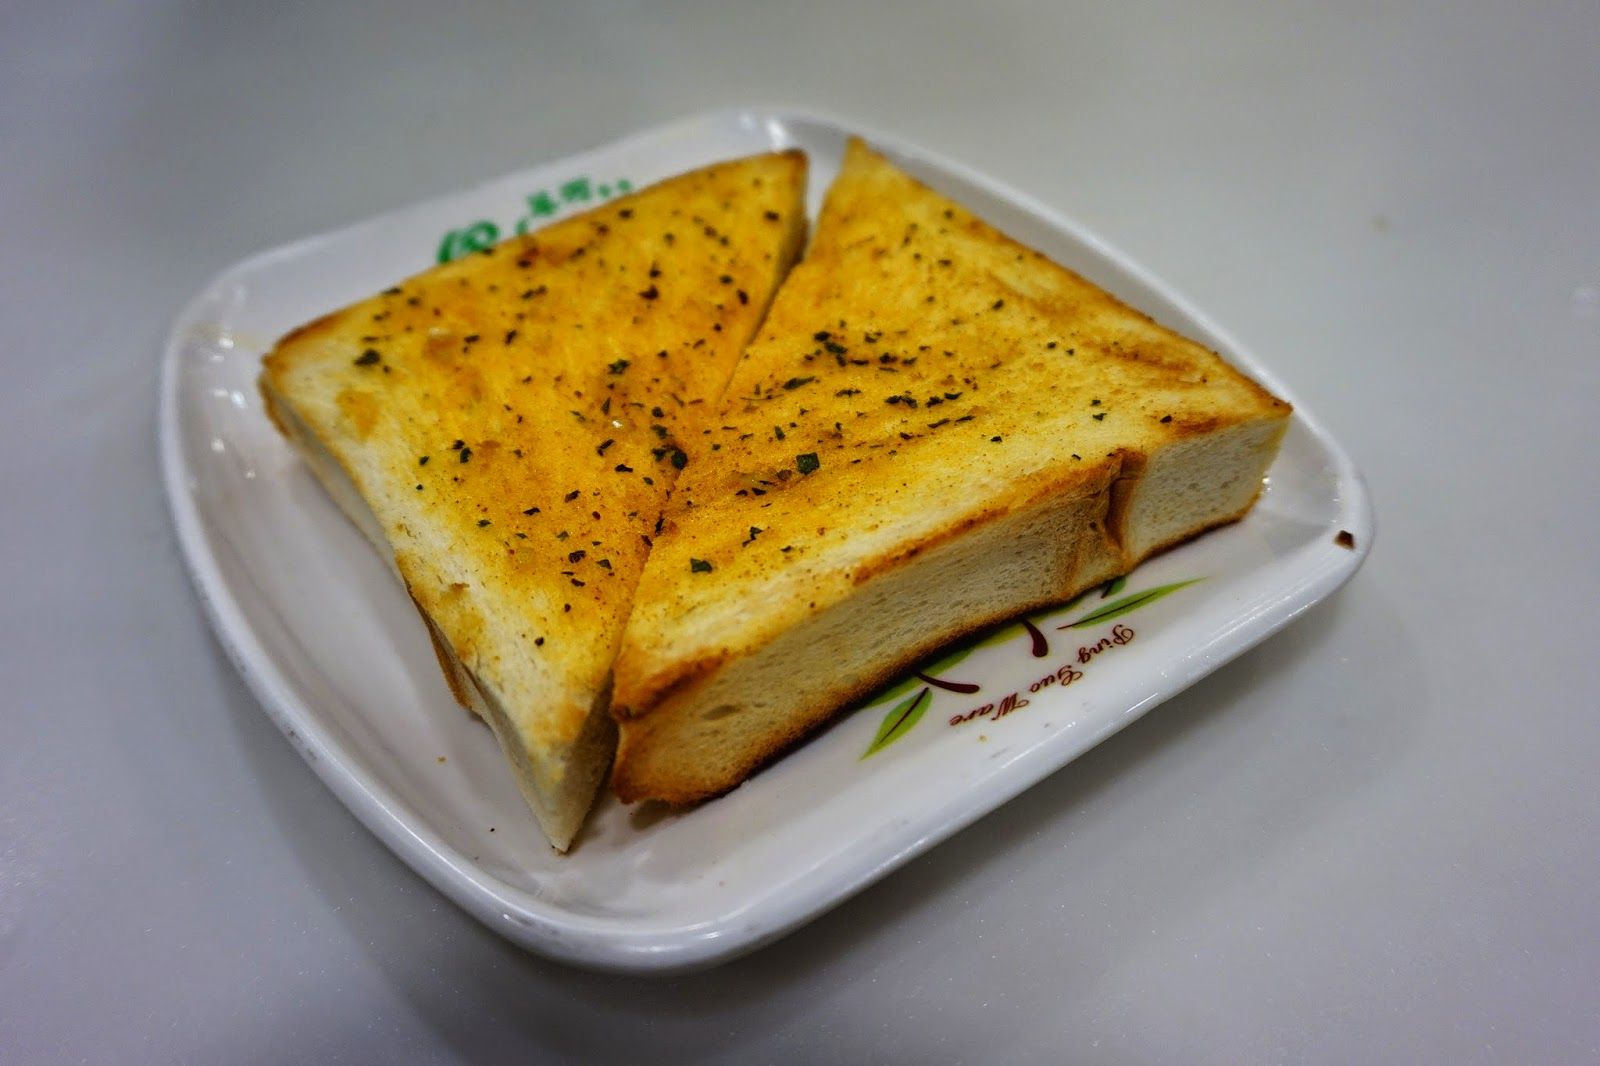 山區裡的走走趯趯: 翠河餐廳 Green River Restaurant:我的星期六美孚早餐 ~ 乾翠俐落